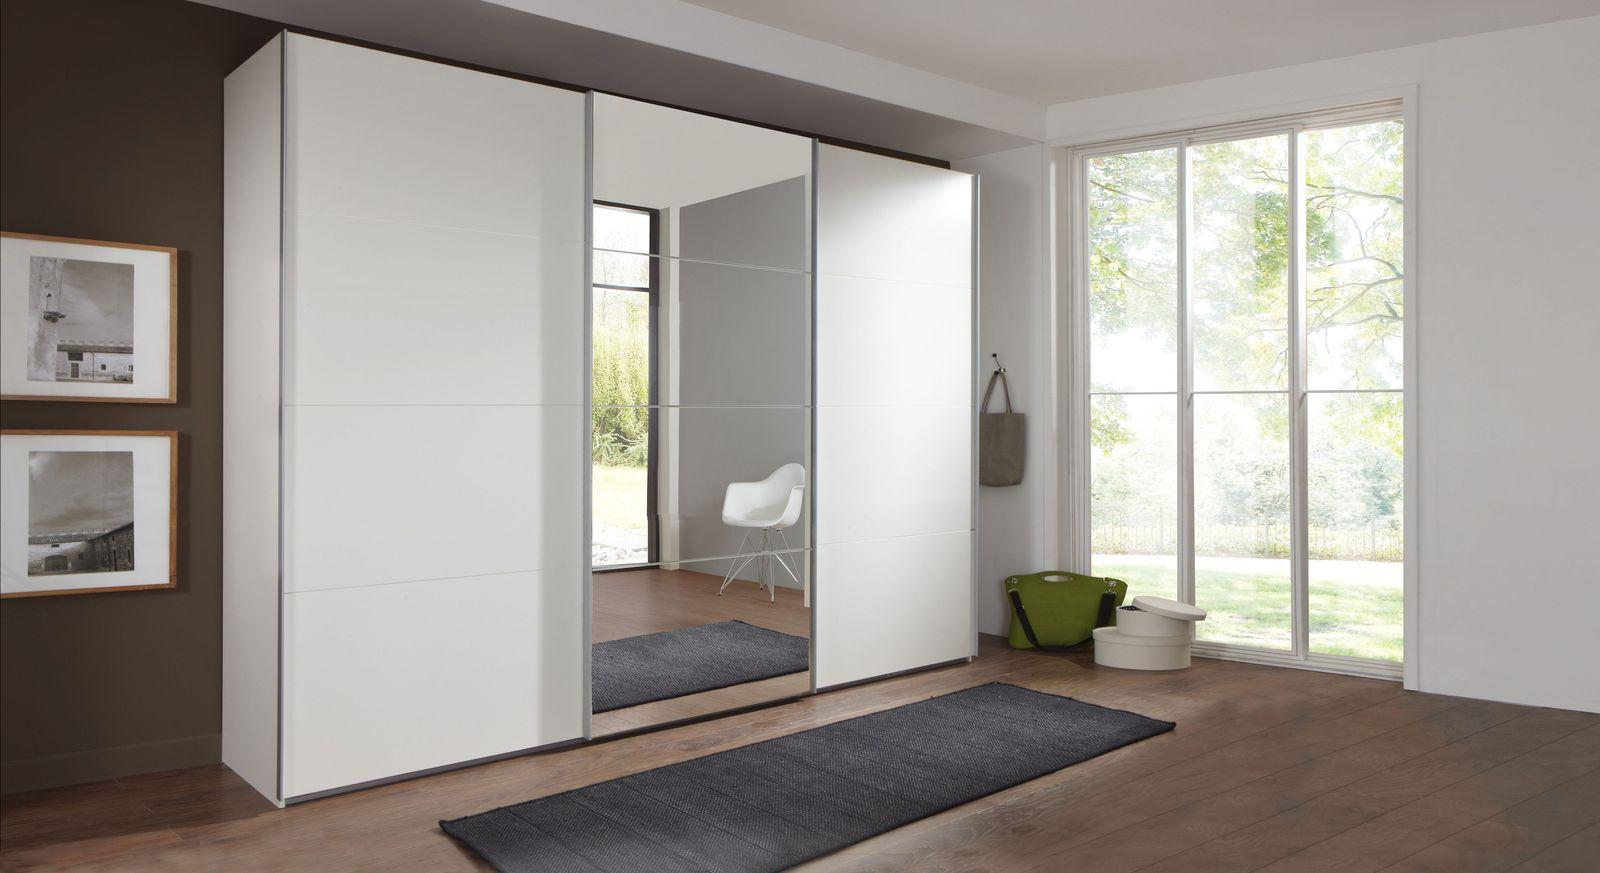 Moderner Schwebetüren-Kleiderschrank Arba mit 3 Türen